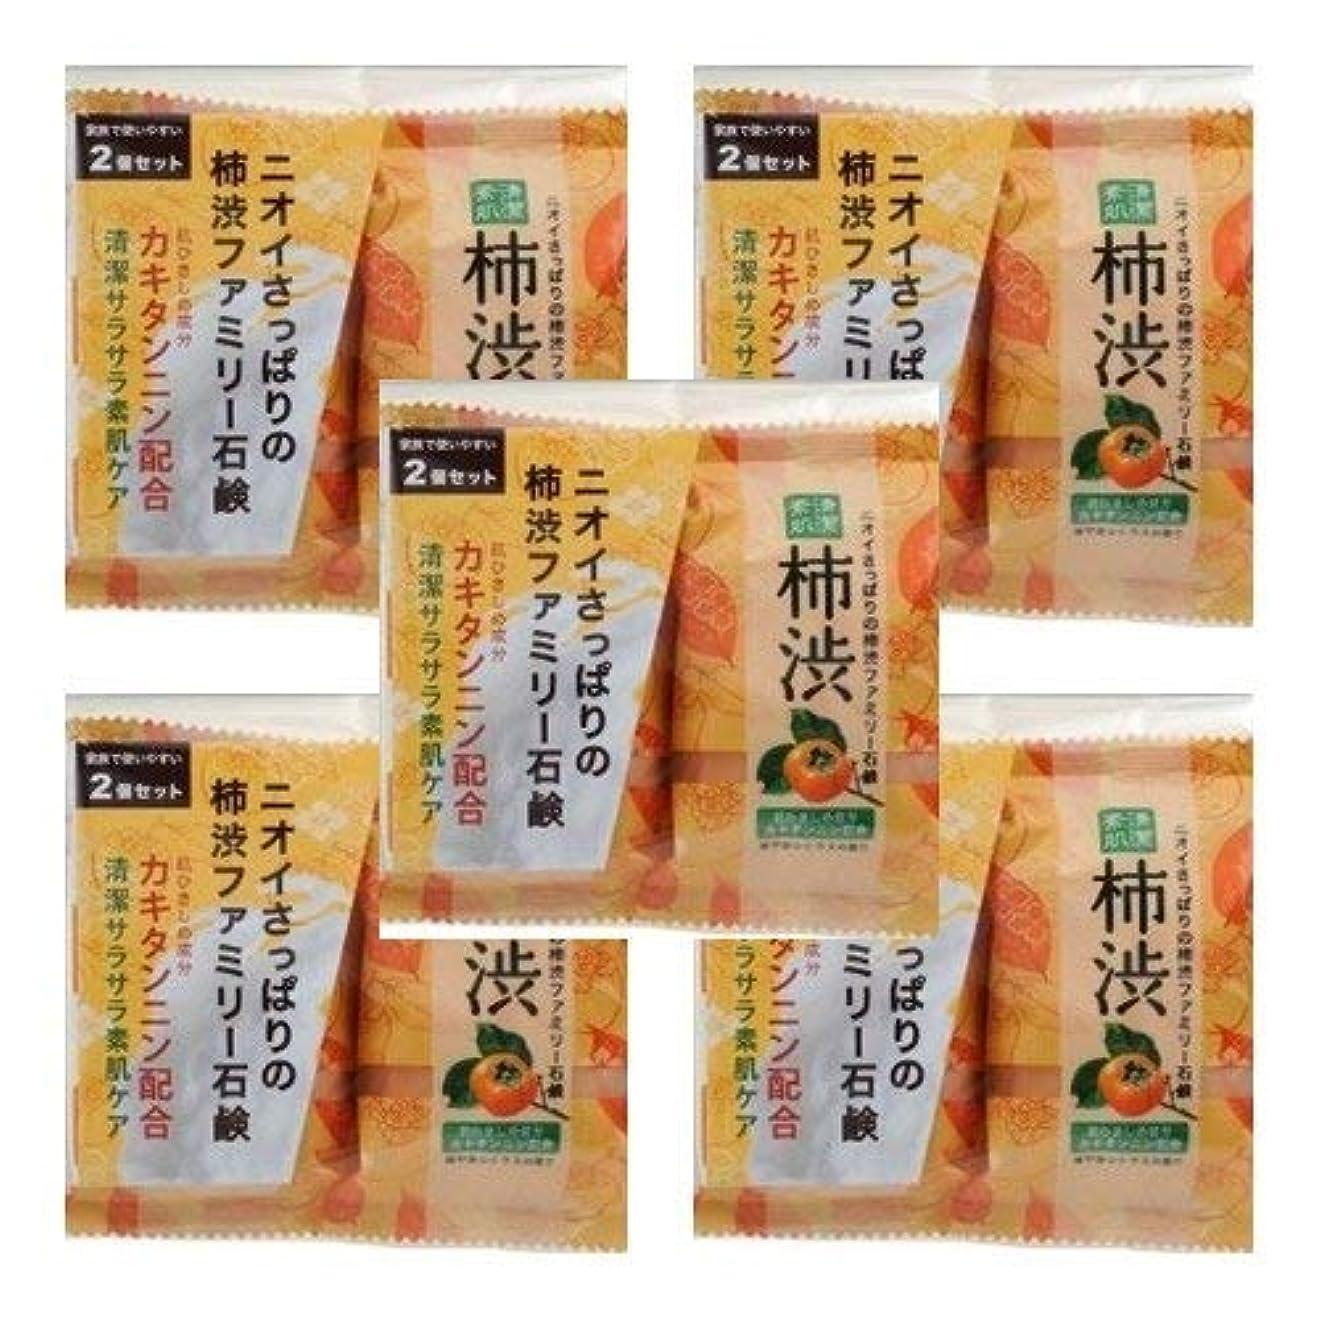 やりすぎ招待構造的ペリカン石鹸 ファミリー柿渋石けん 2個入×5点セット